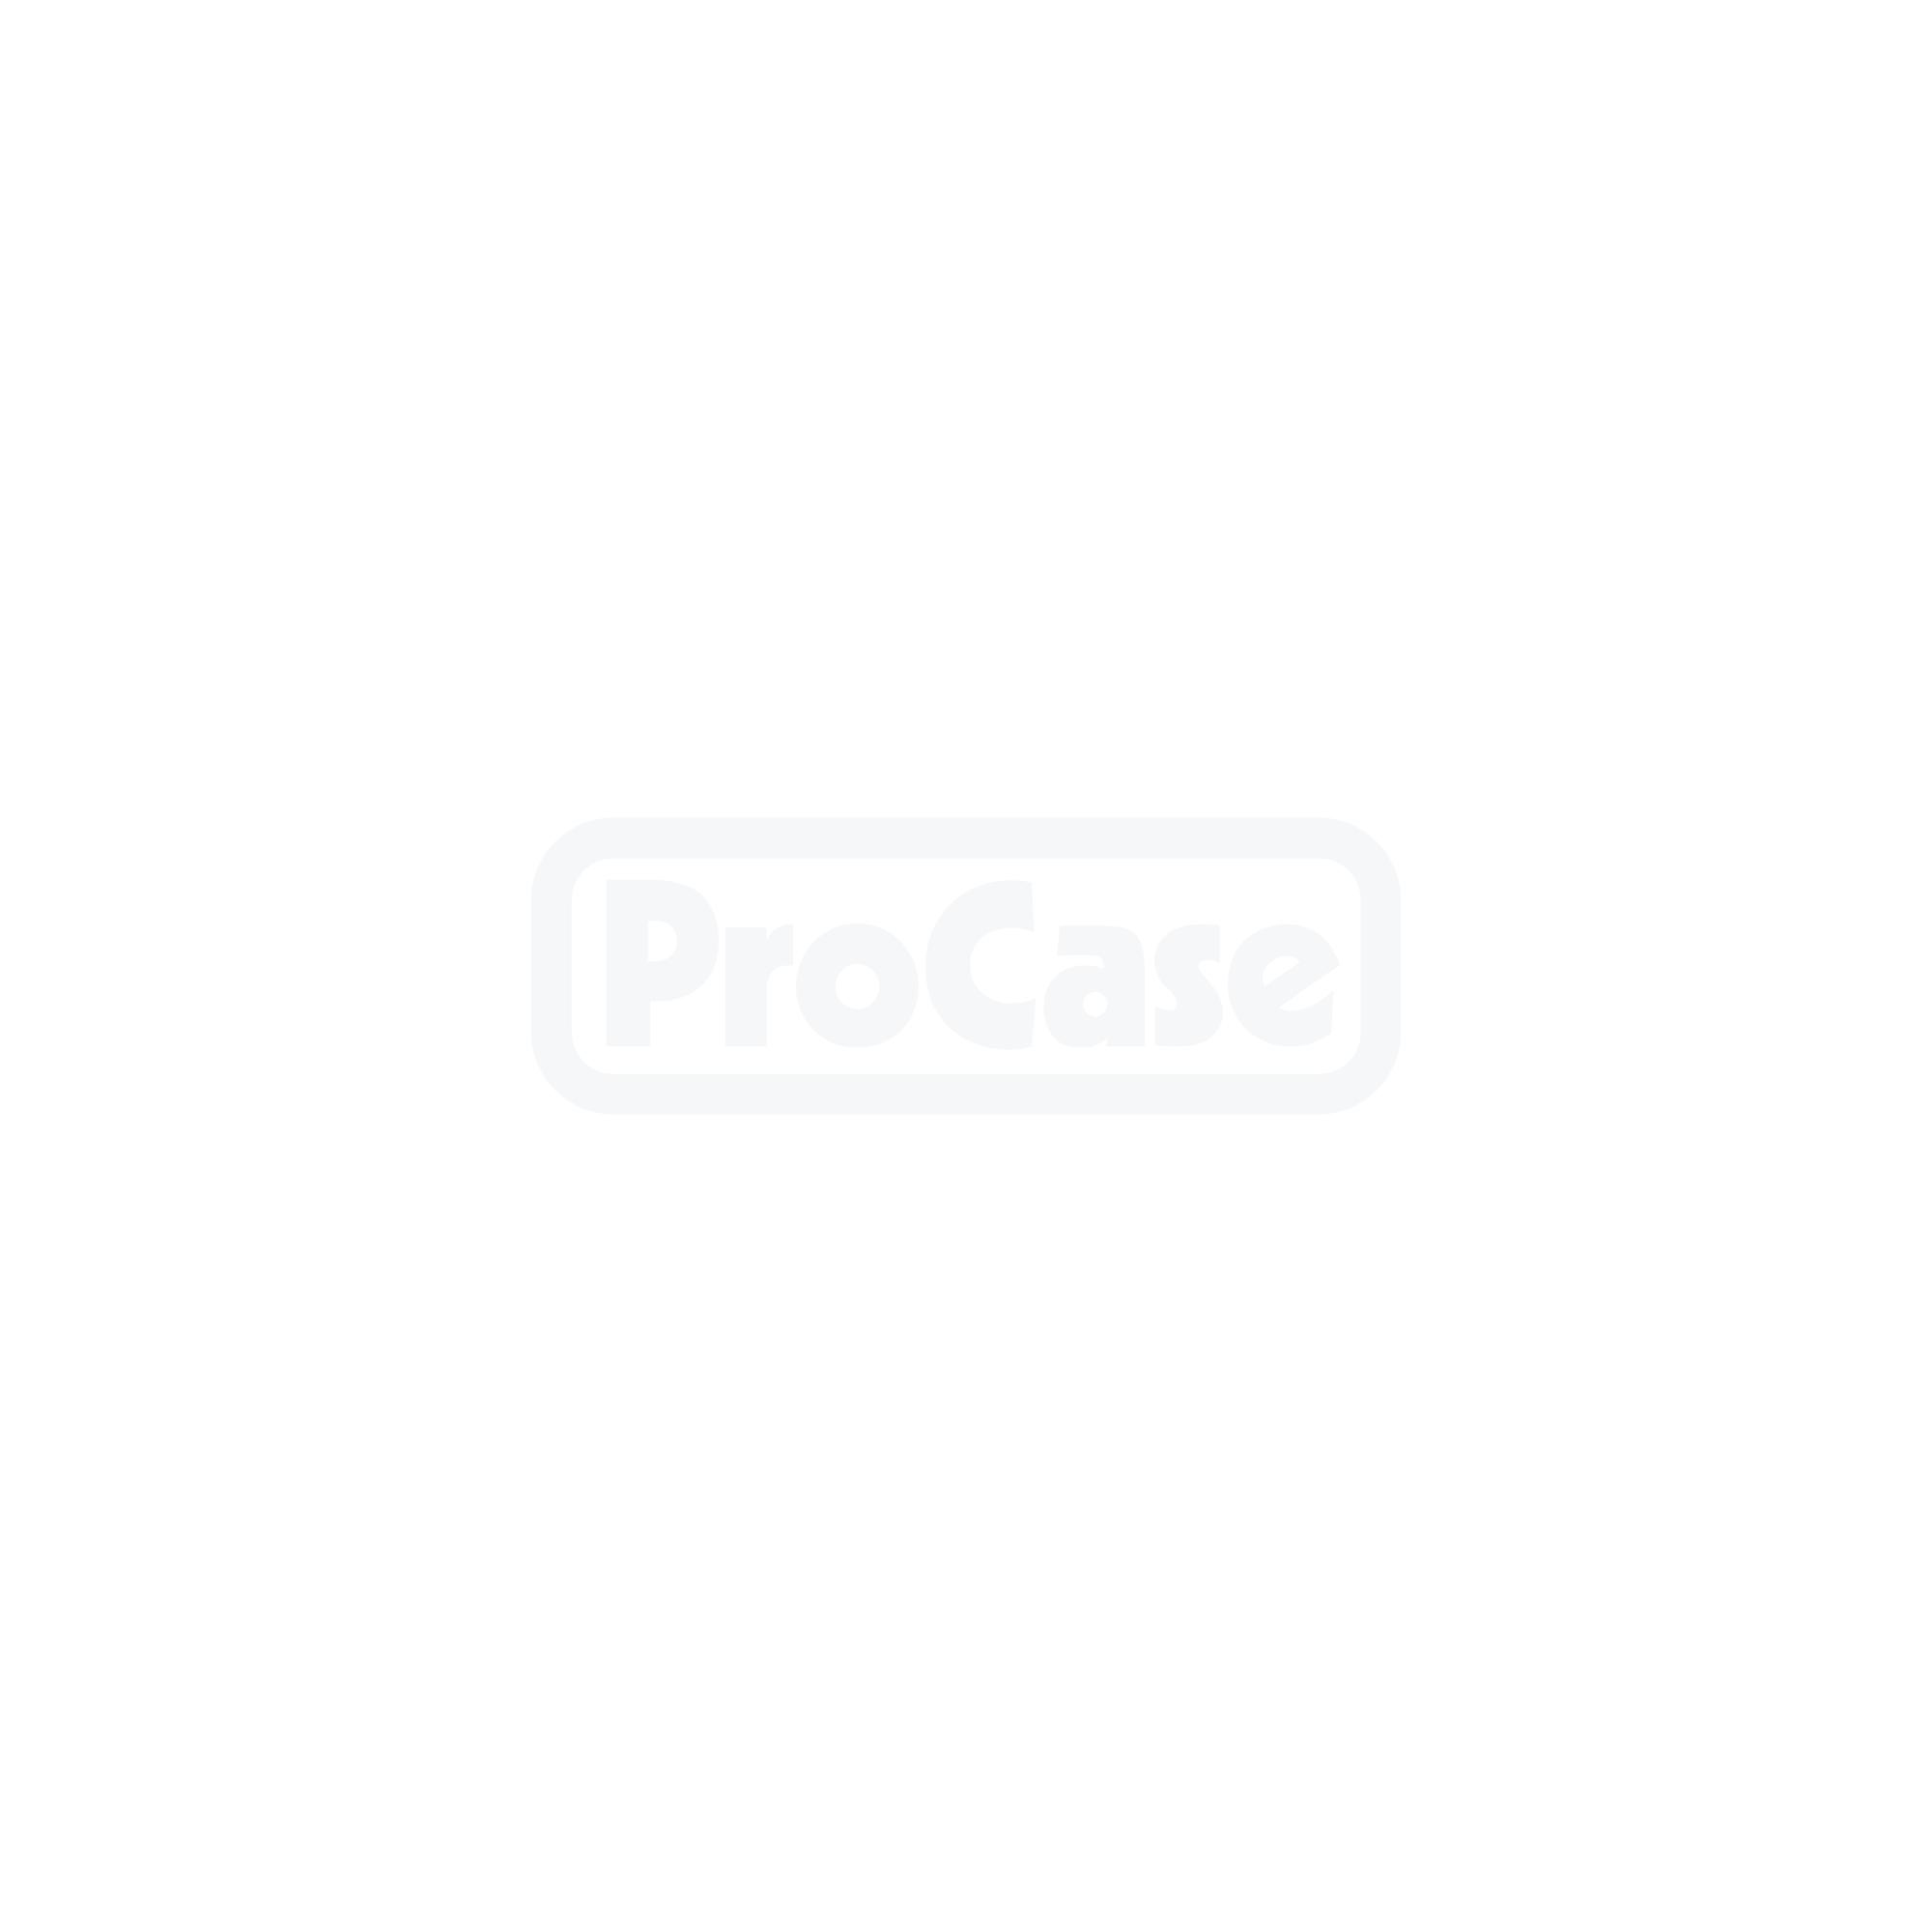 SKB 3i Koffer 3021-12 leer mit Trolley 2